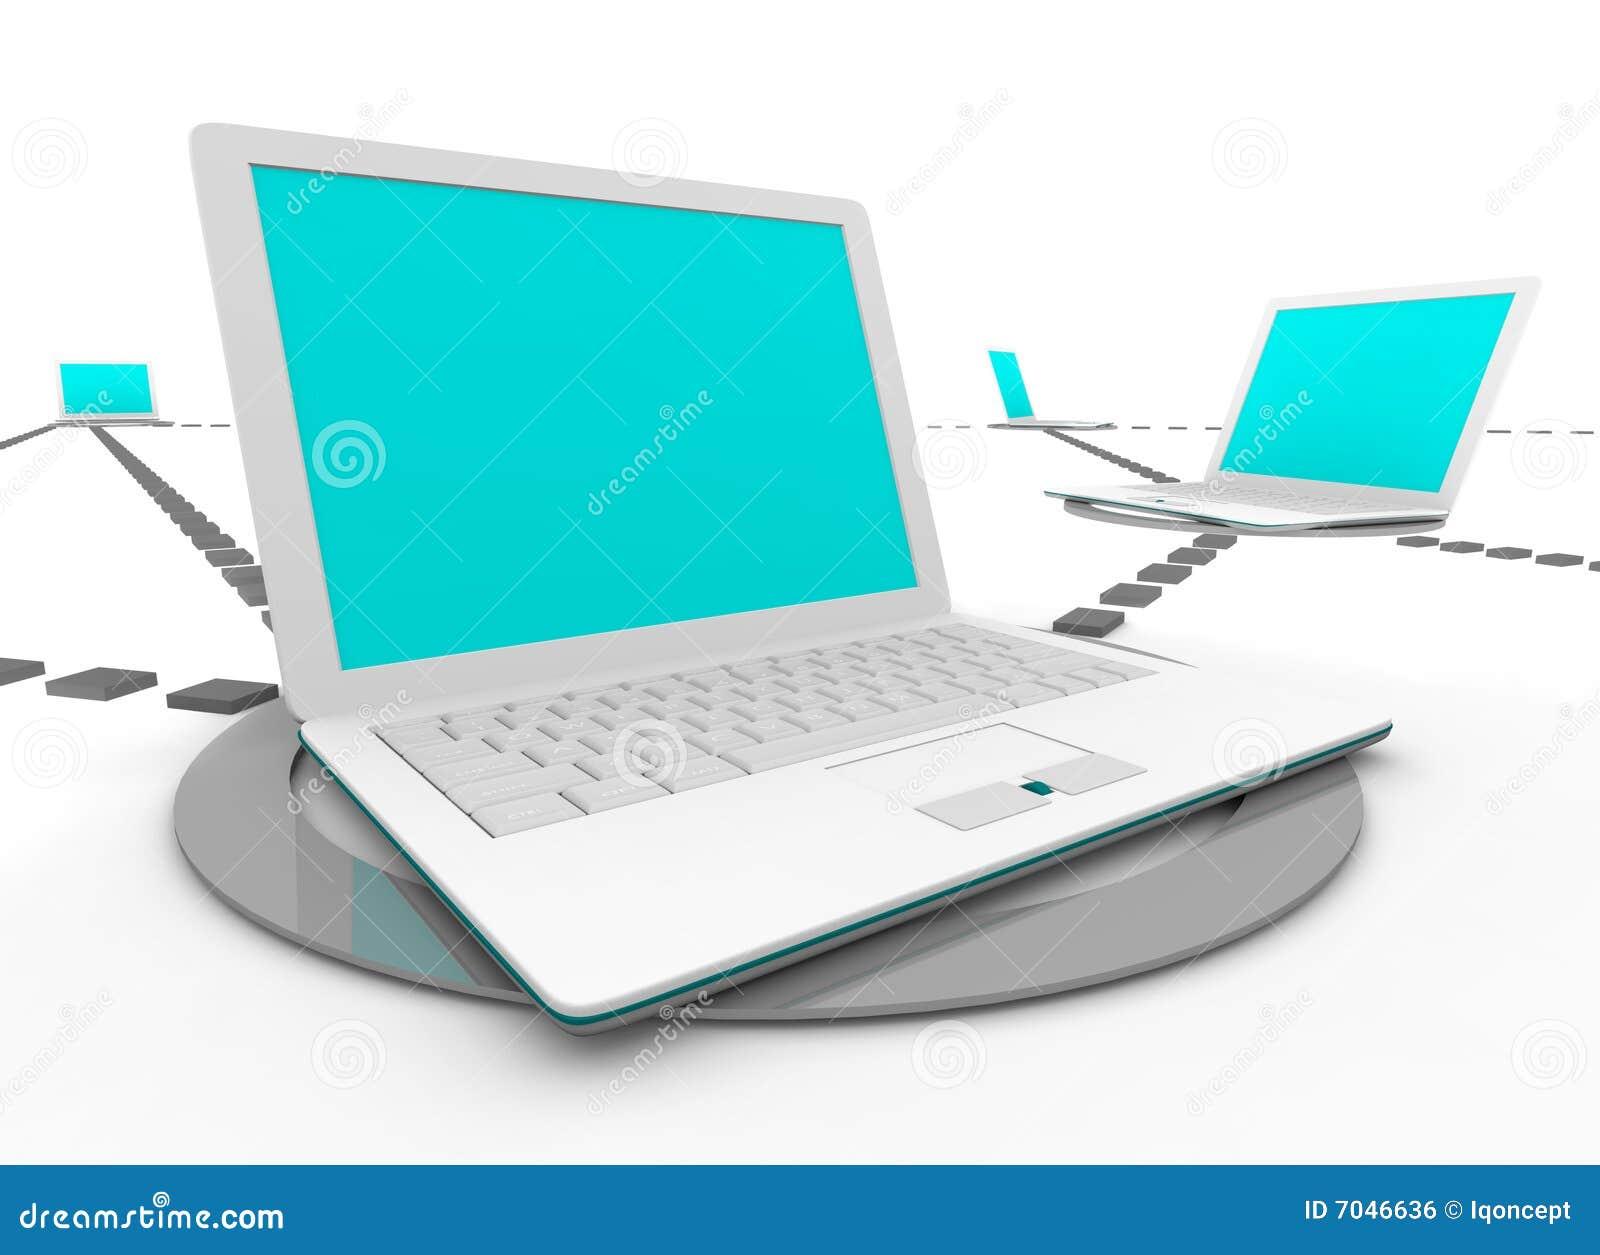 Social Network Laptops